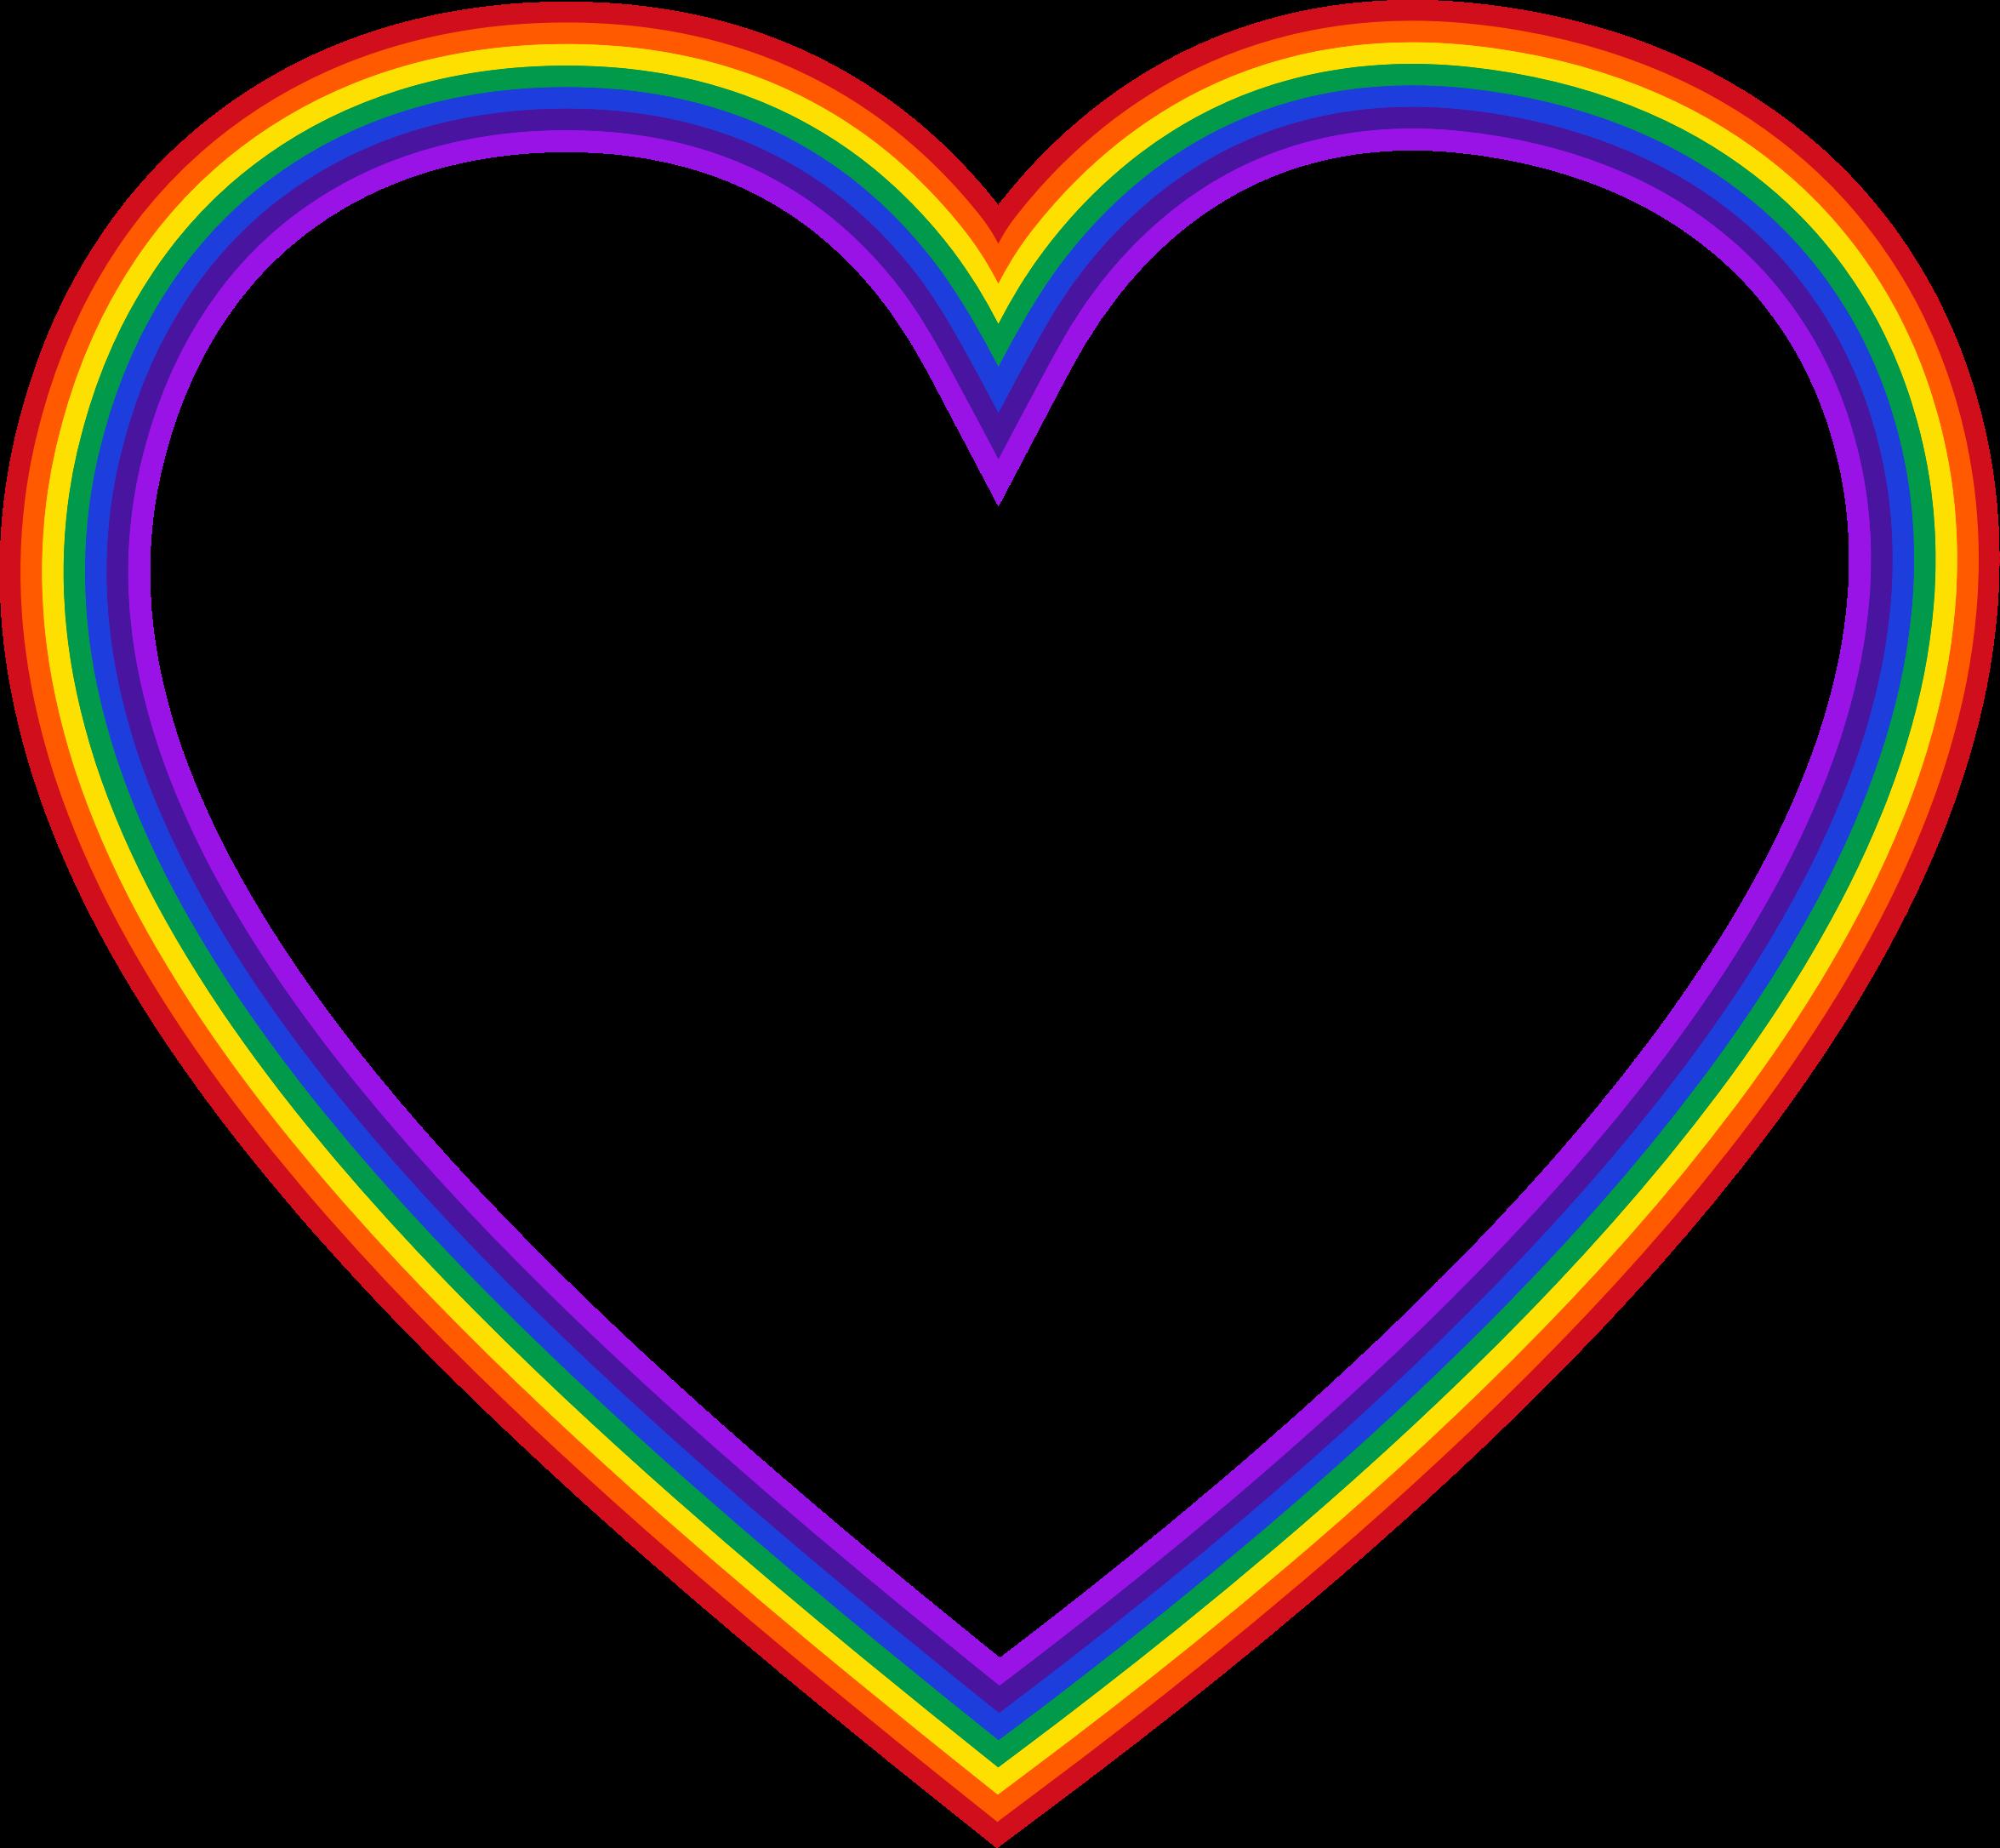 Clipart sun heart. Rainbow clip art